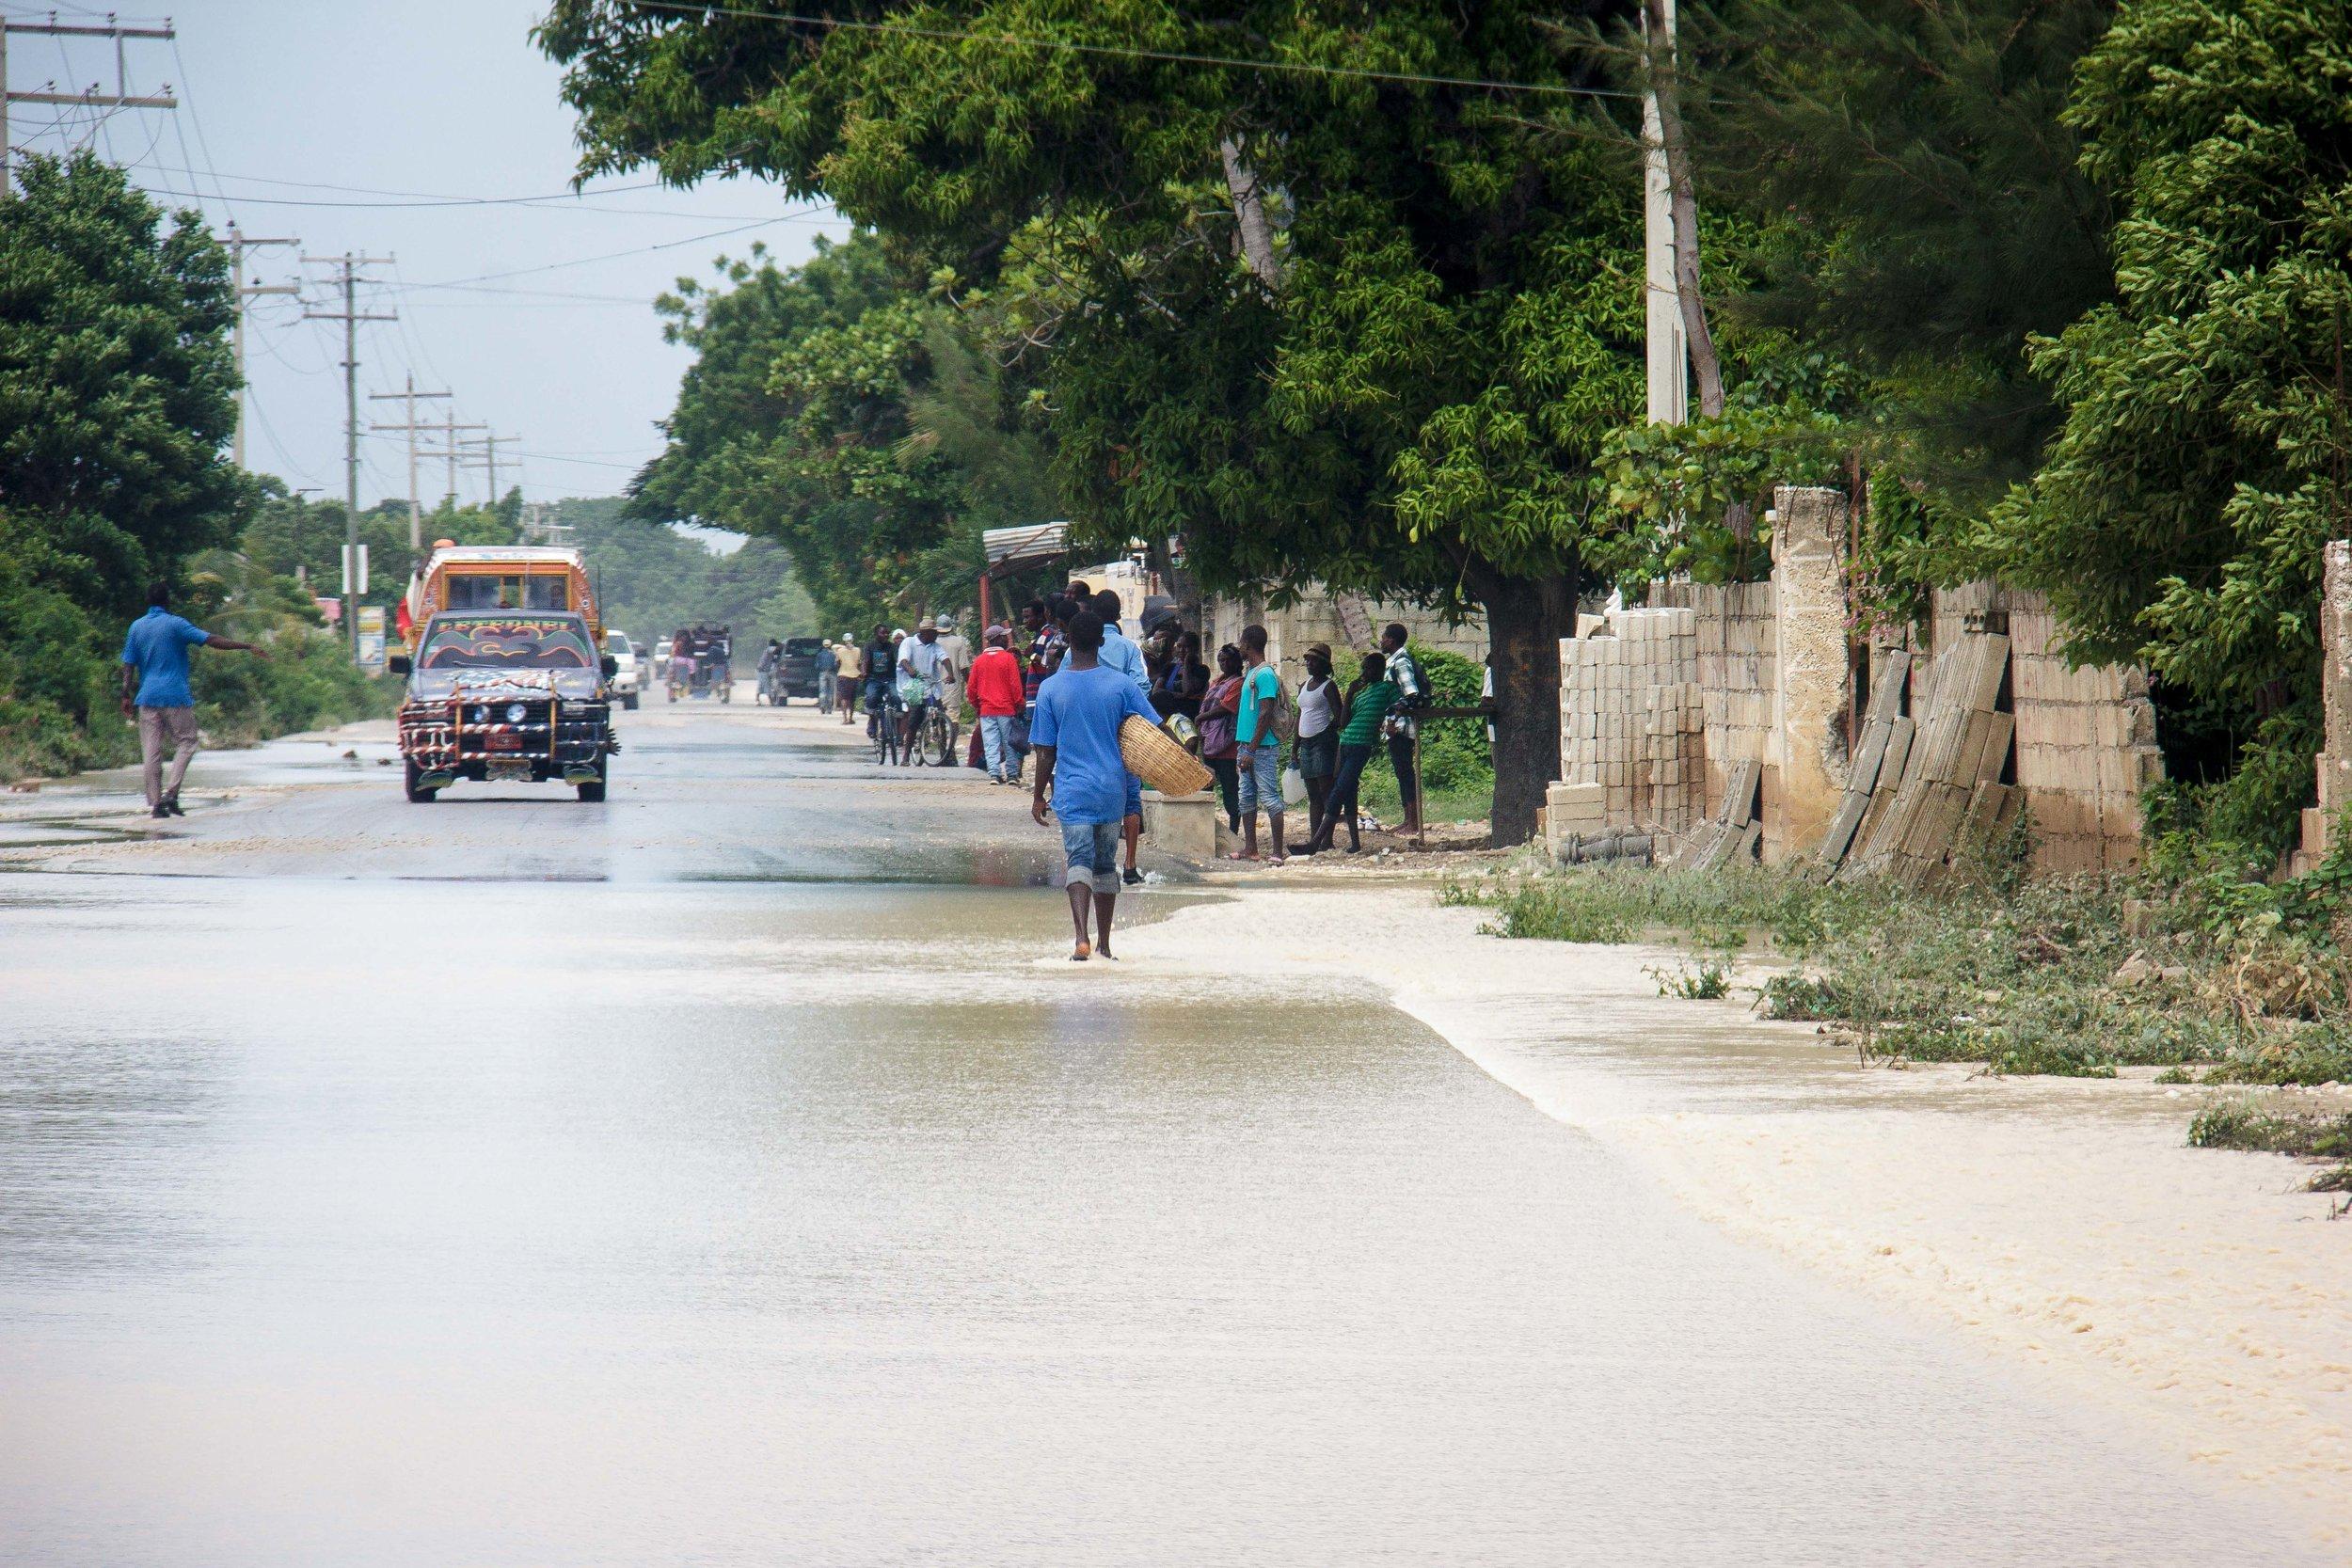 Haiti Relief Update | Hurricane Matthew in Haiti